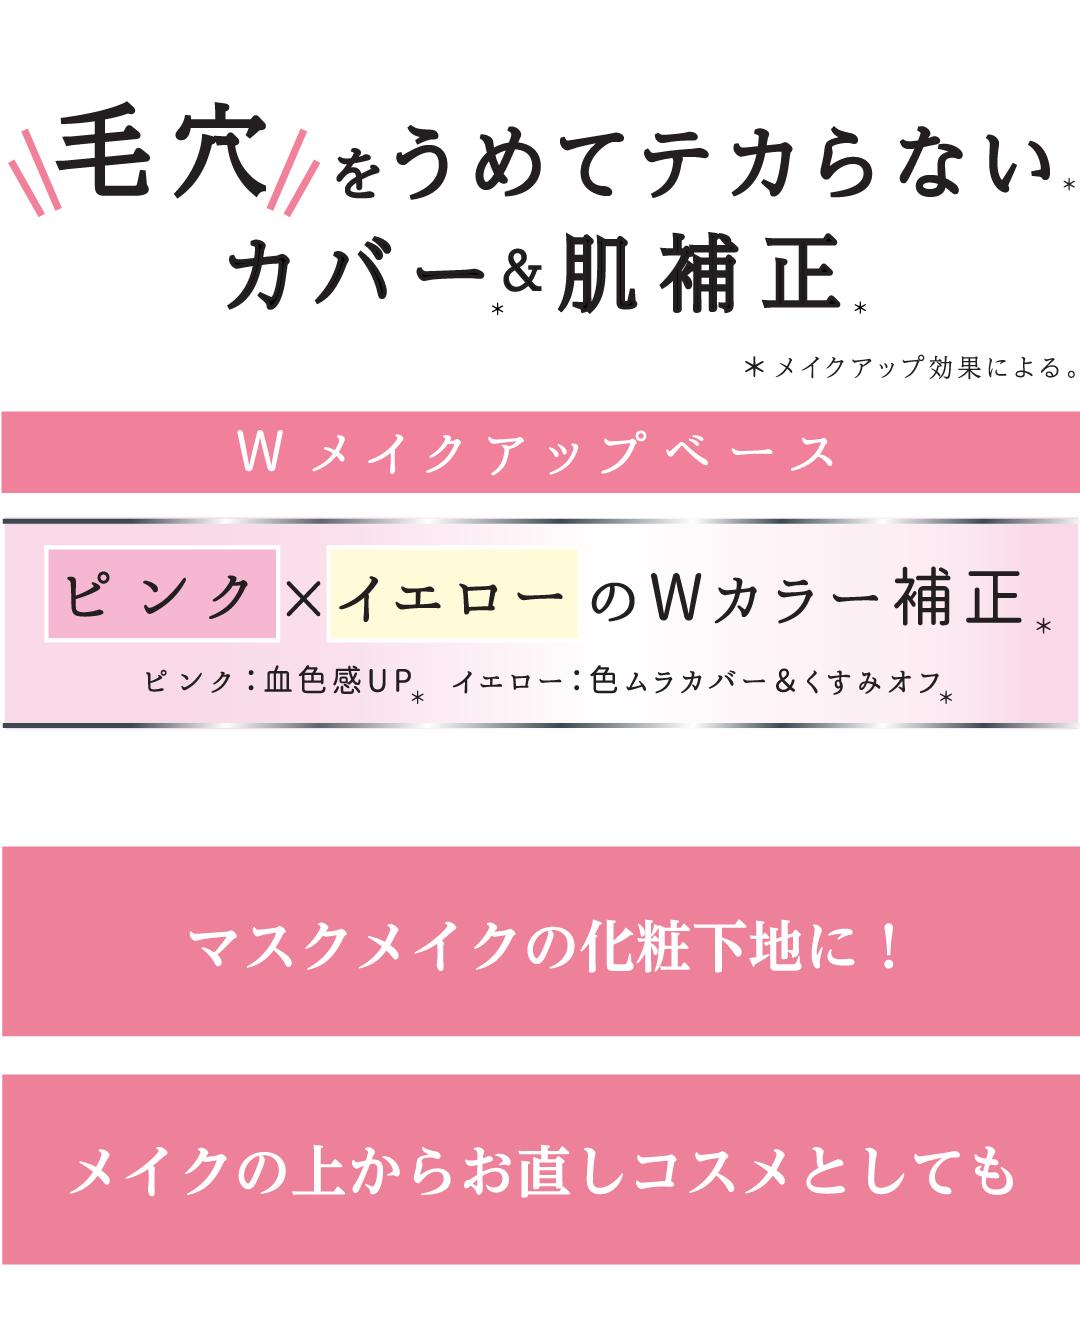 北尾化粧品部 オンラインストア インテンティオ INTENTIO ダブルメイクアップベース